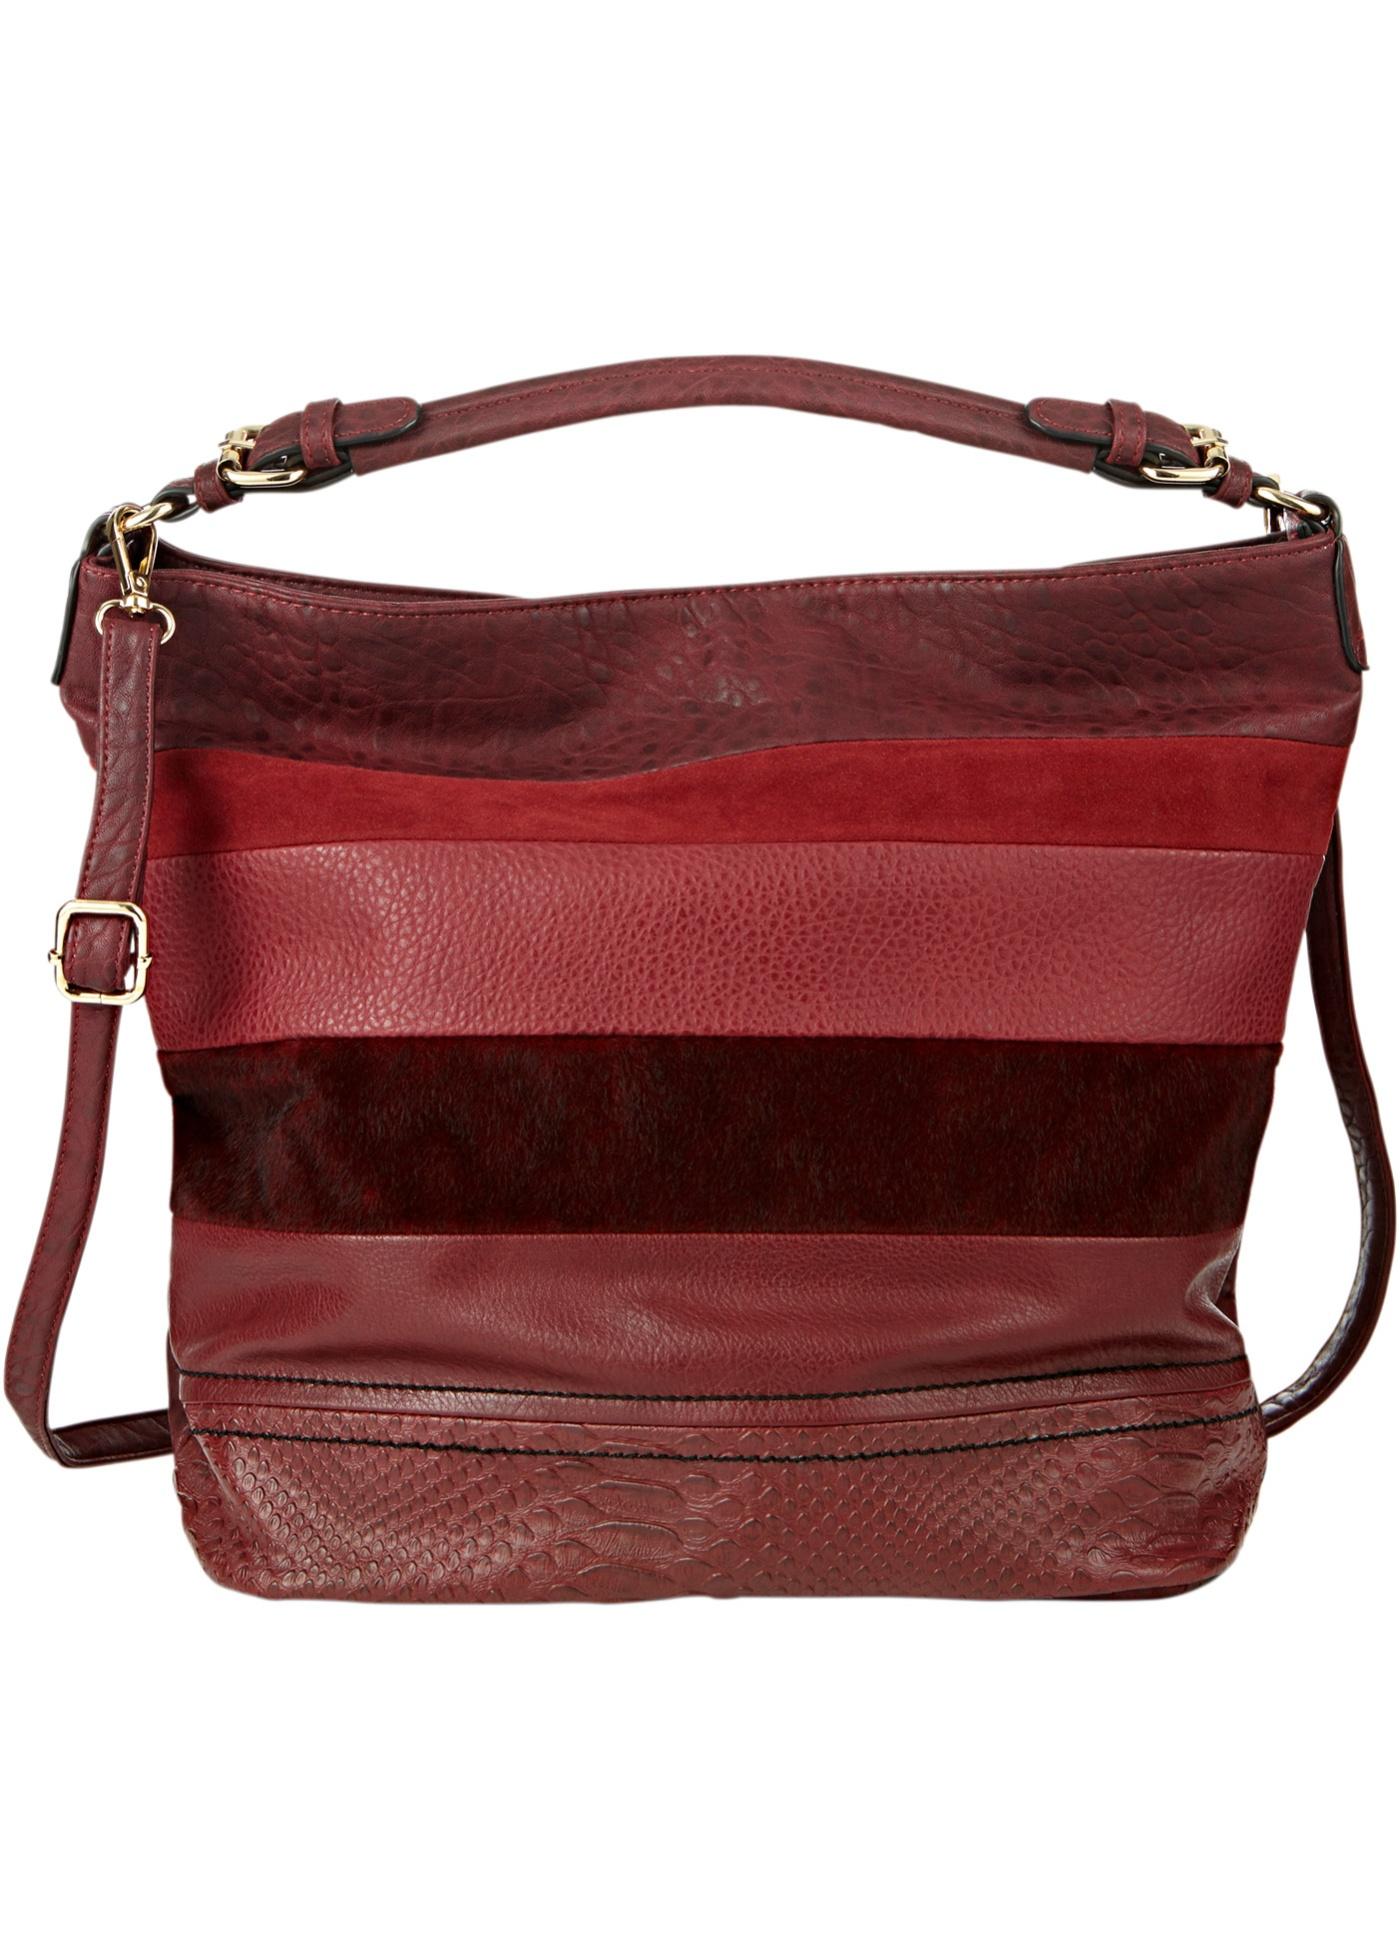 46e657e94b Kabelka s patchworkovým designem - Červená